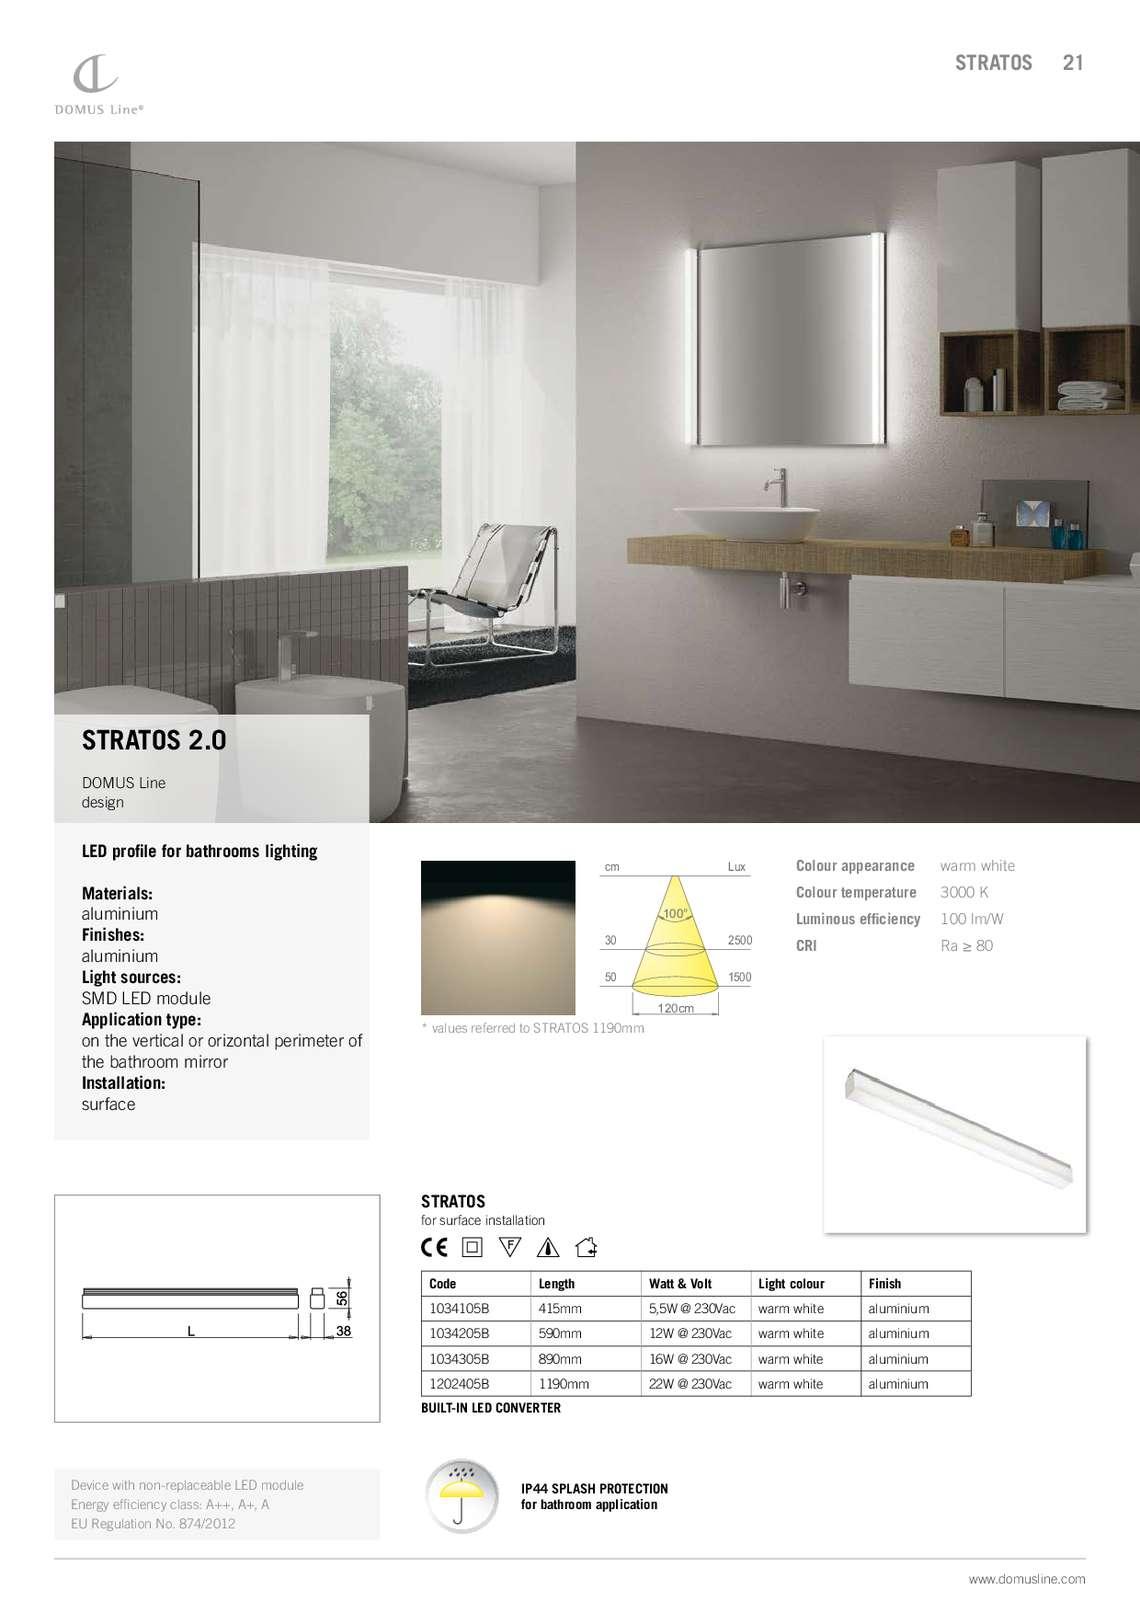 domus-line-top-seller_27_022.jpg